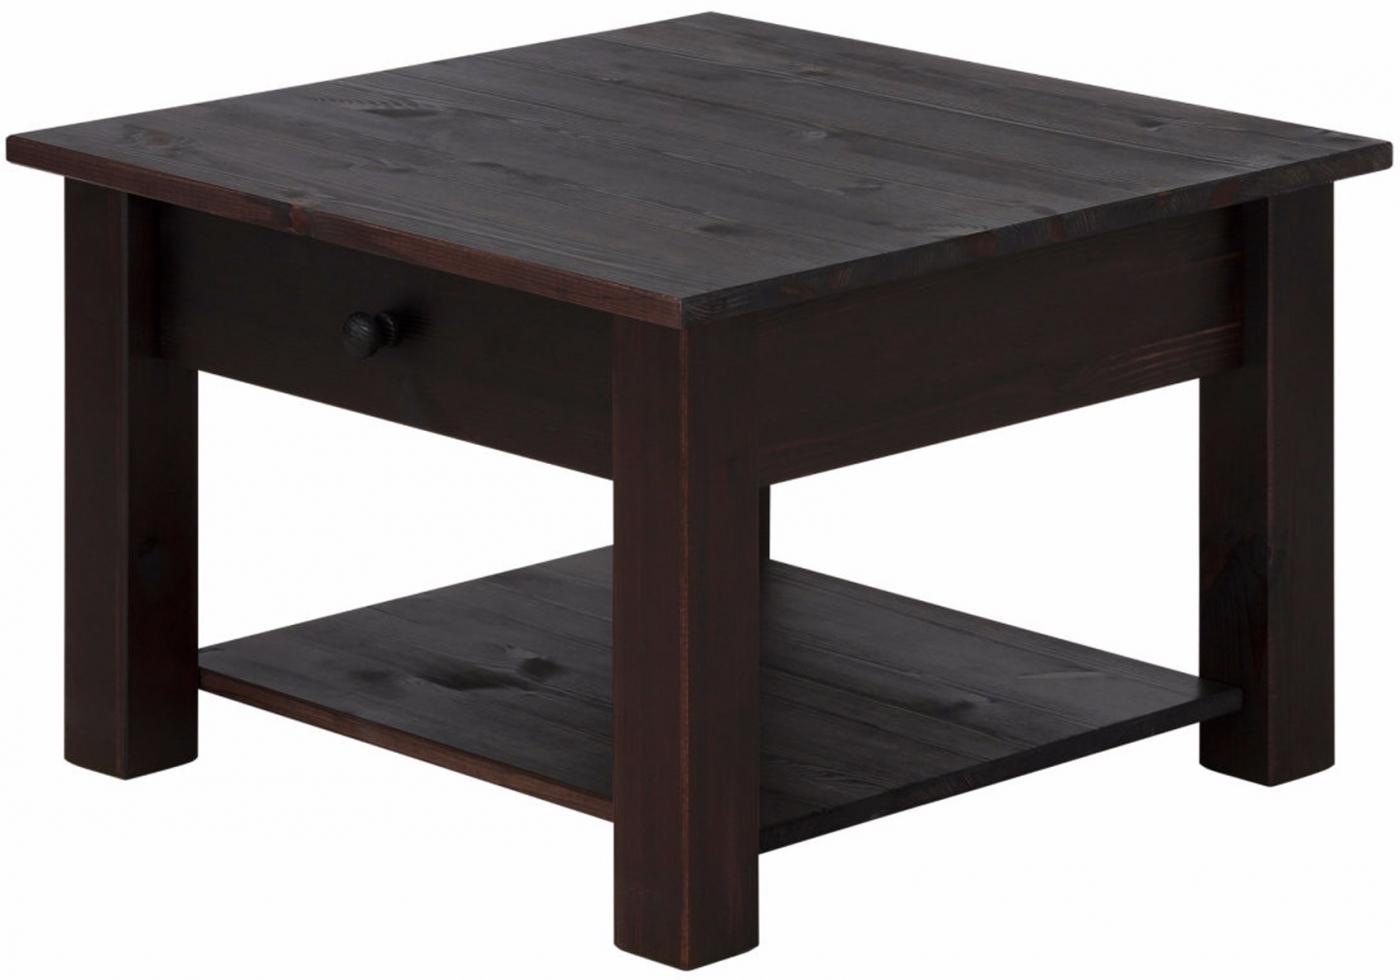 Konferenční stolek Chico, 60 cm, tmavě hnědá